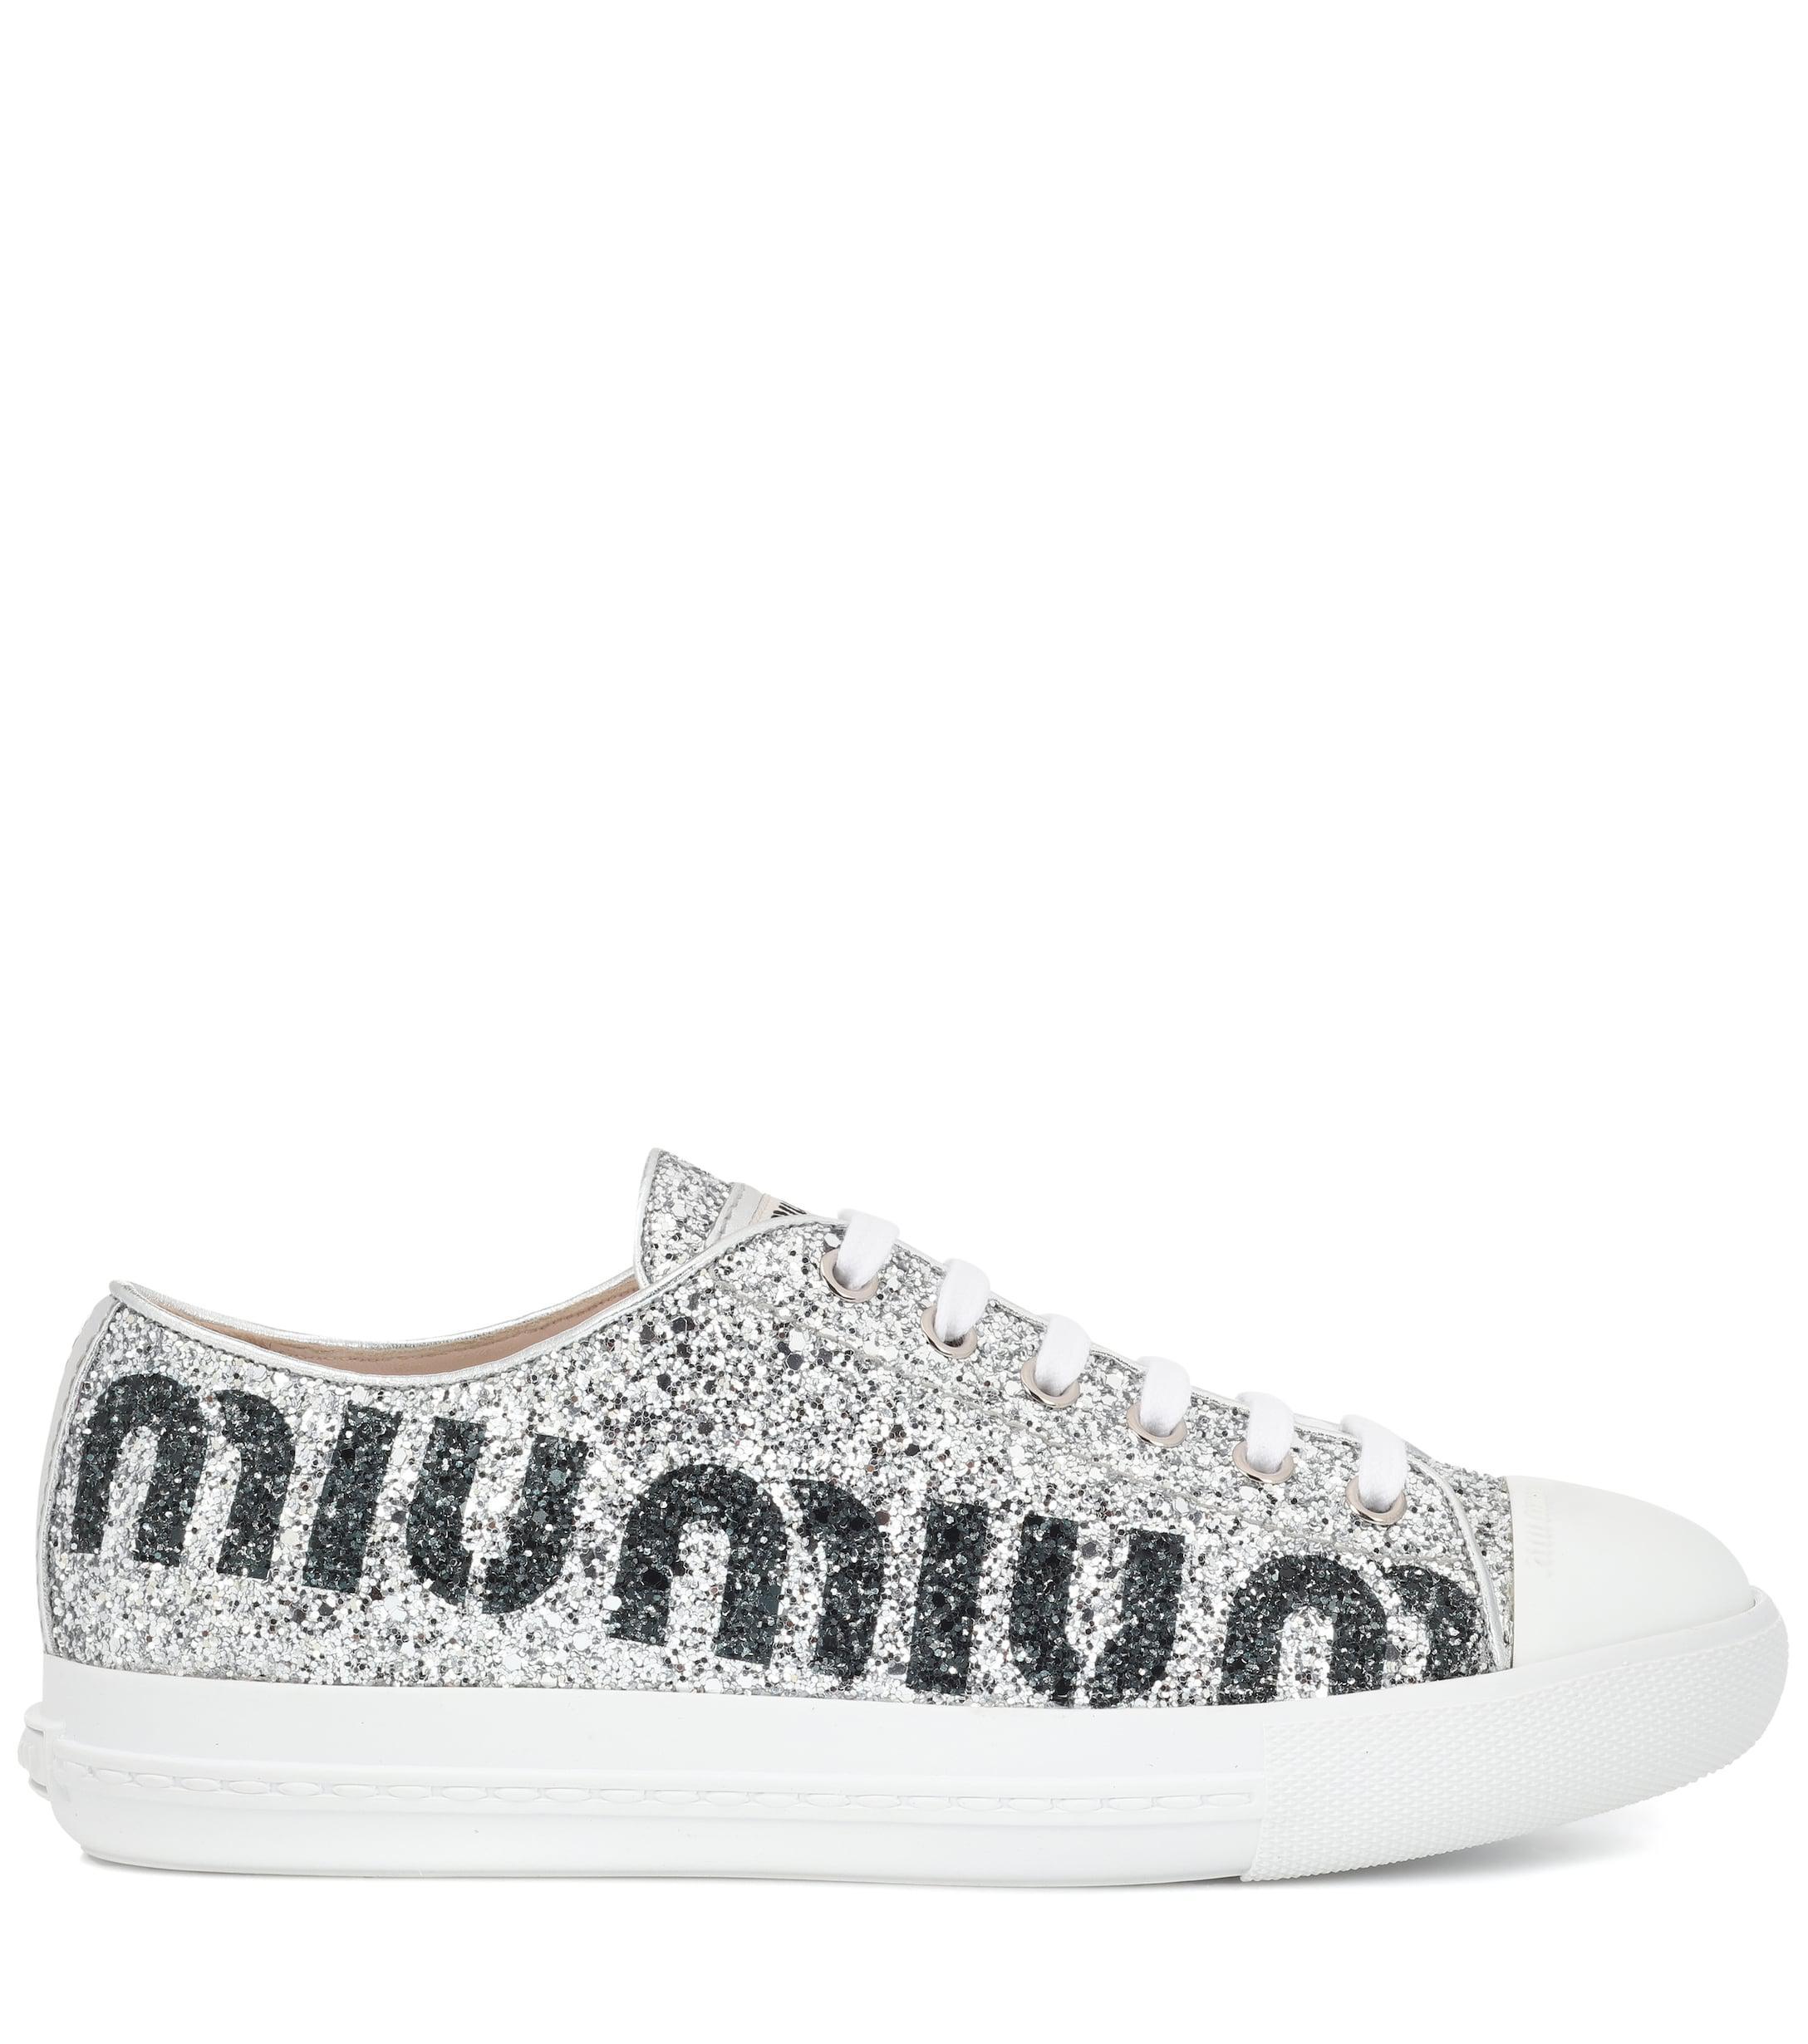 Miu Miu Leather Logo Glitter Sneakers in Silver (Metallic)